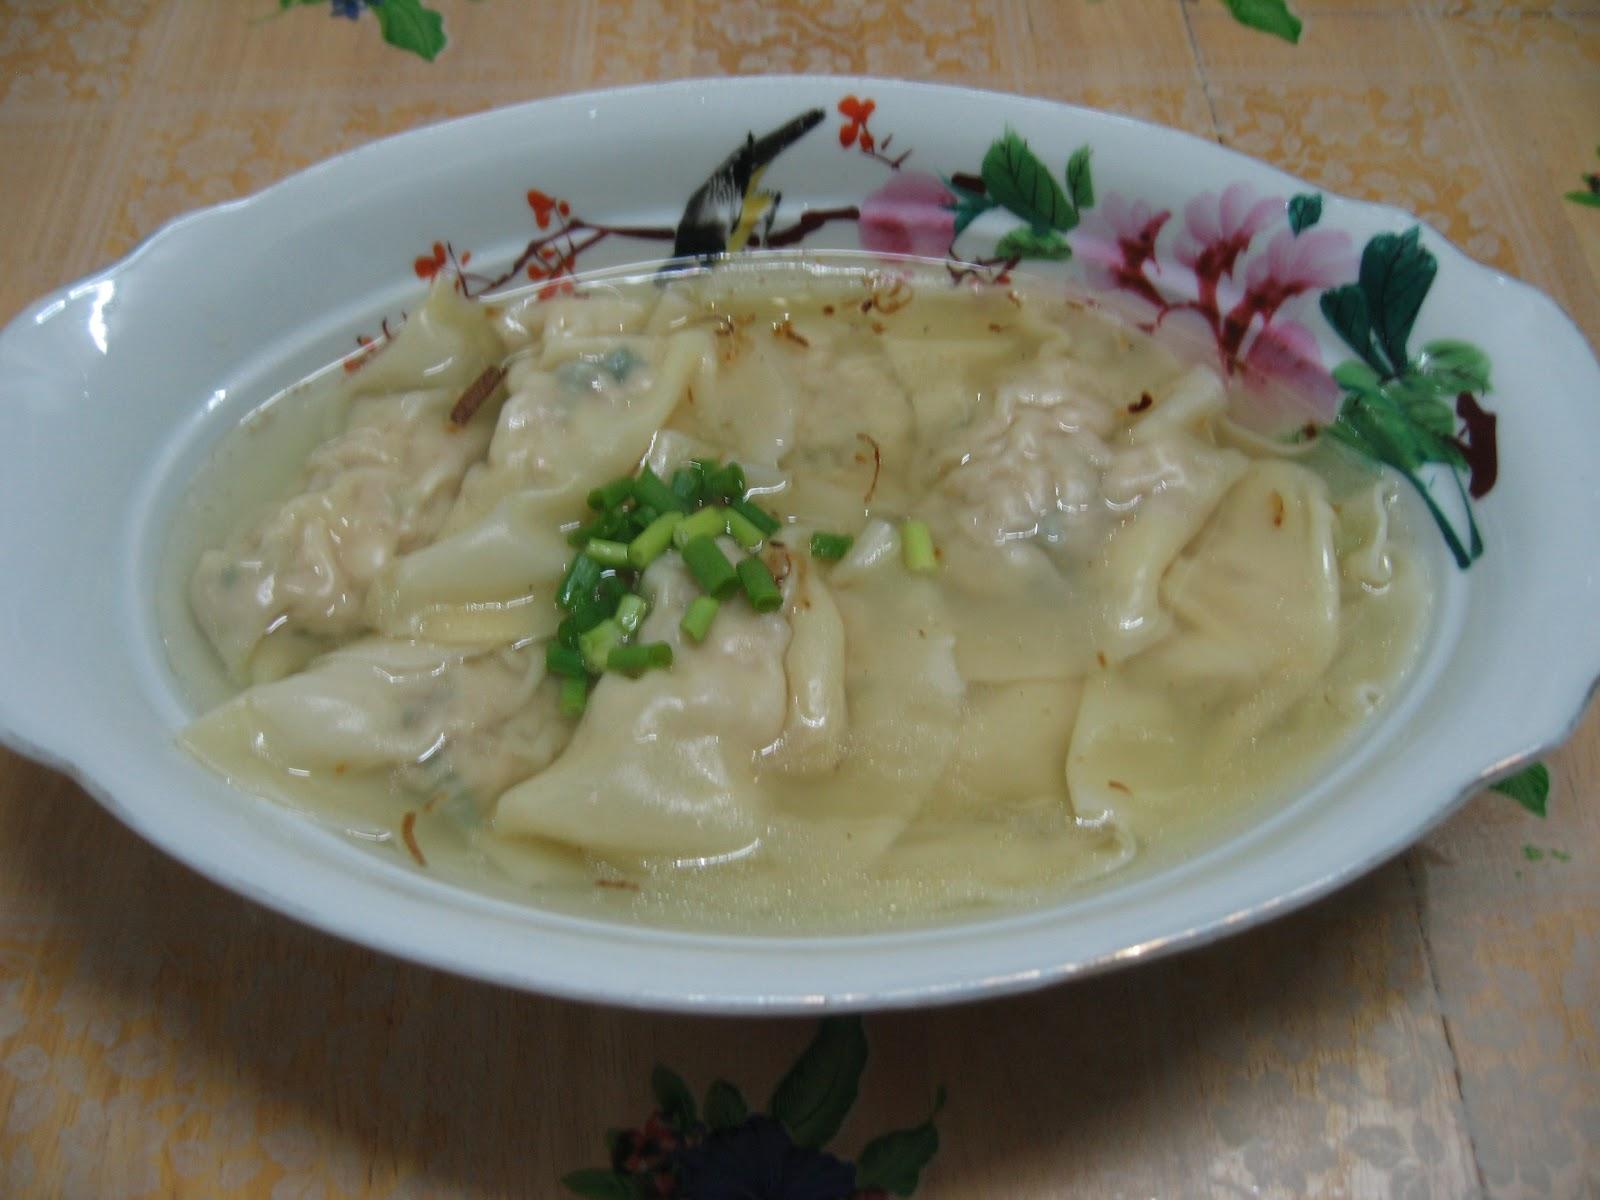 Sumptuous Flavours: Sui Kow Dumplings or 饺子 in Mandarin